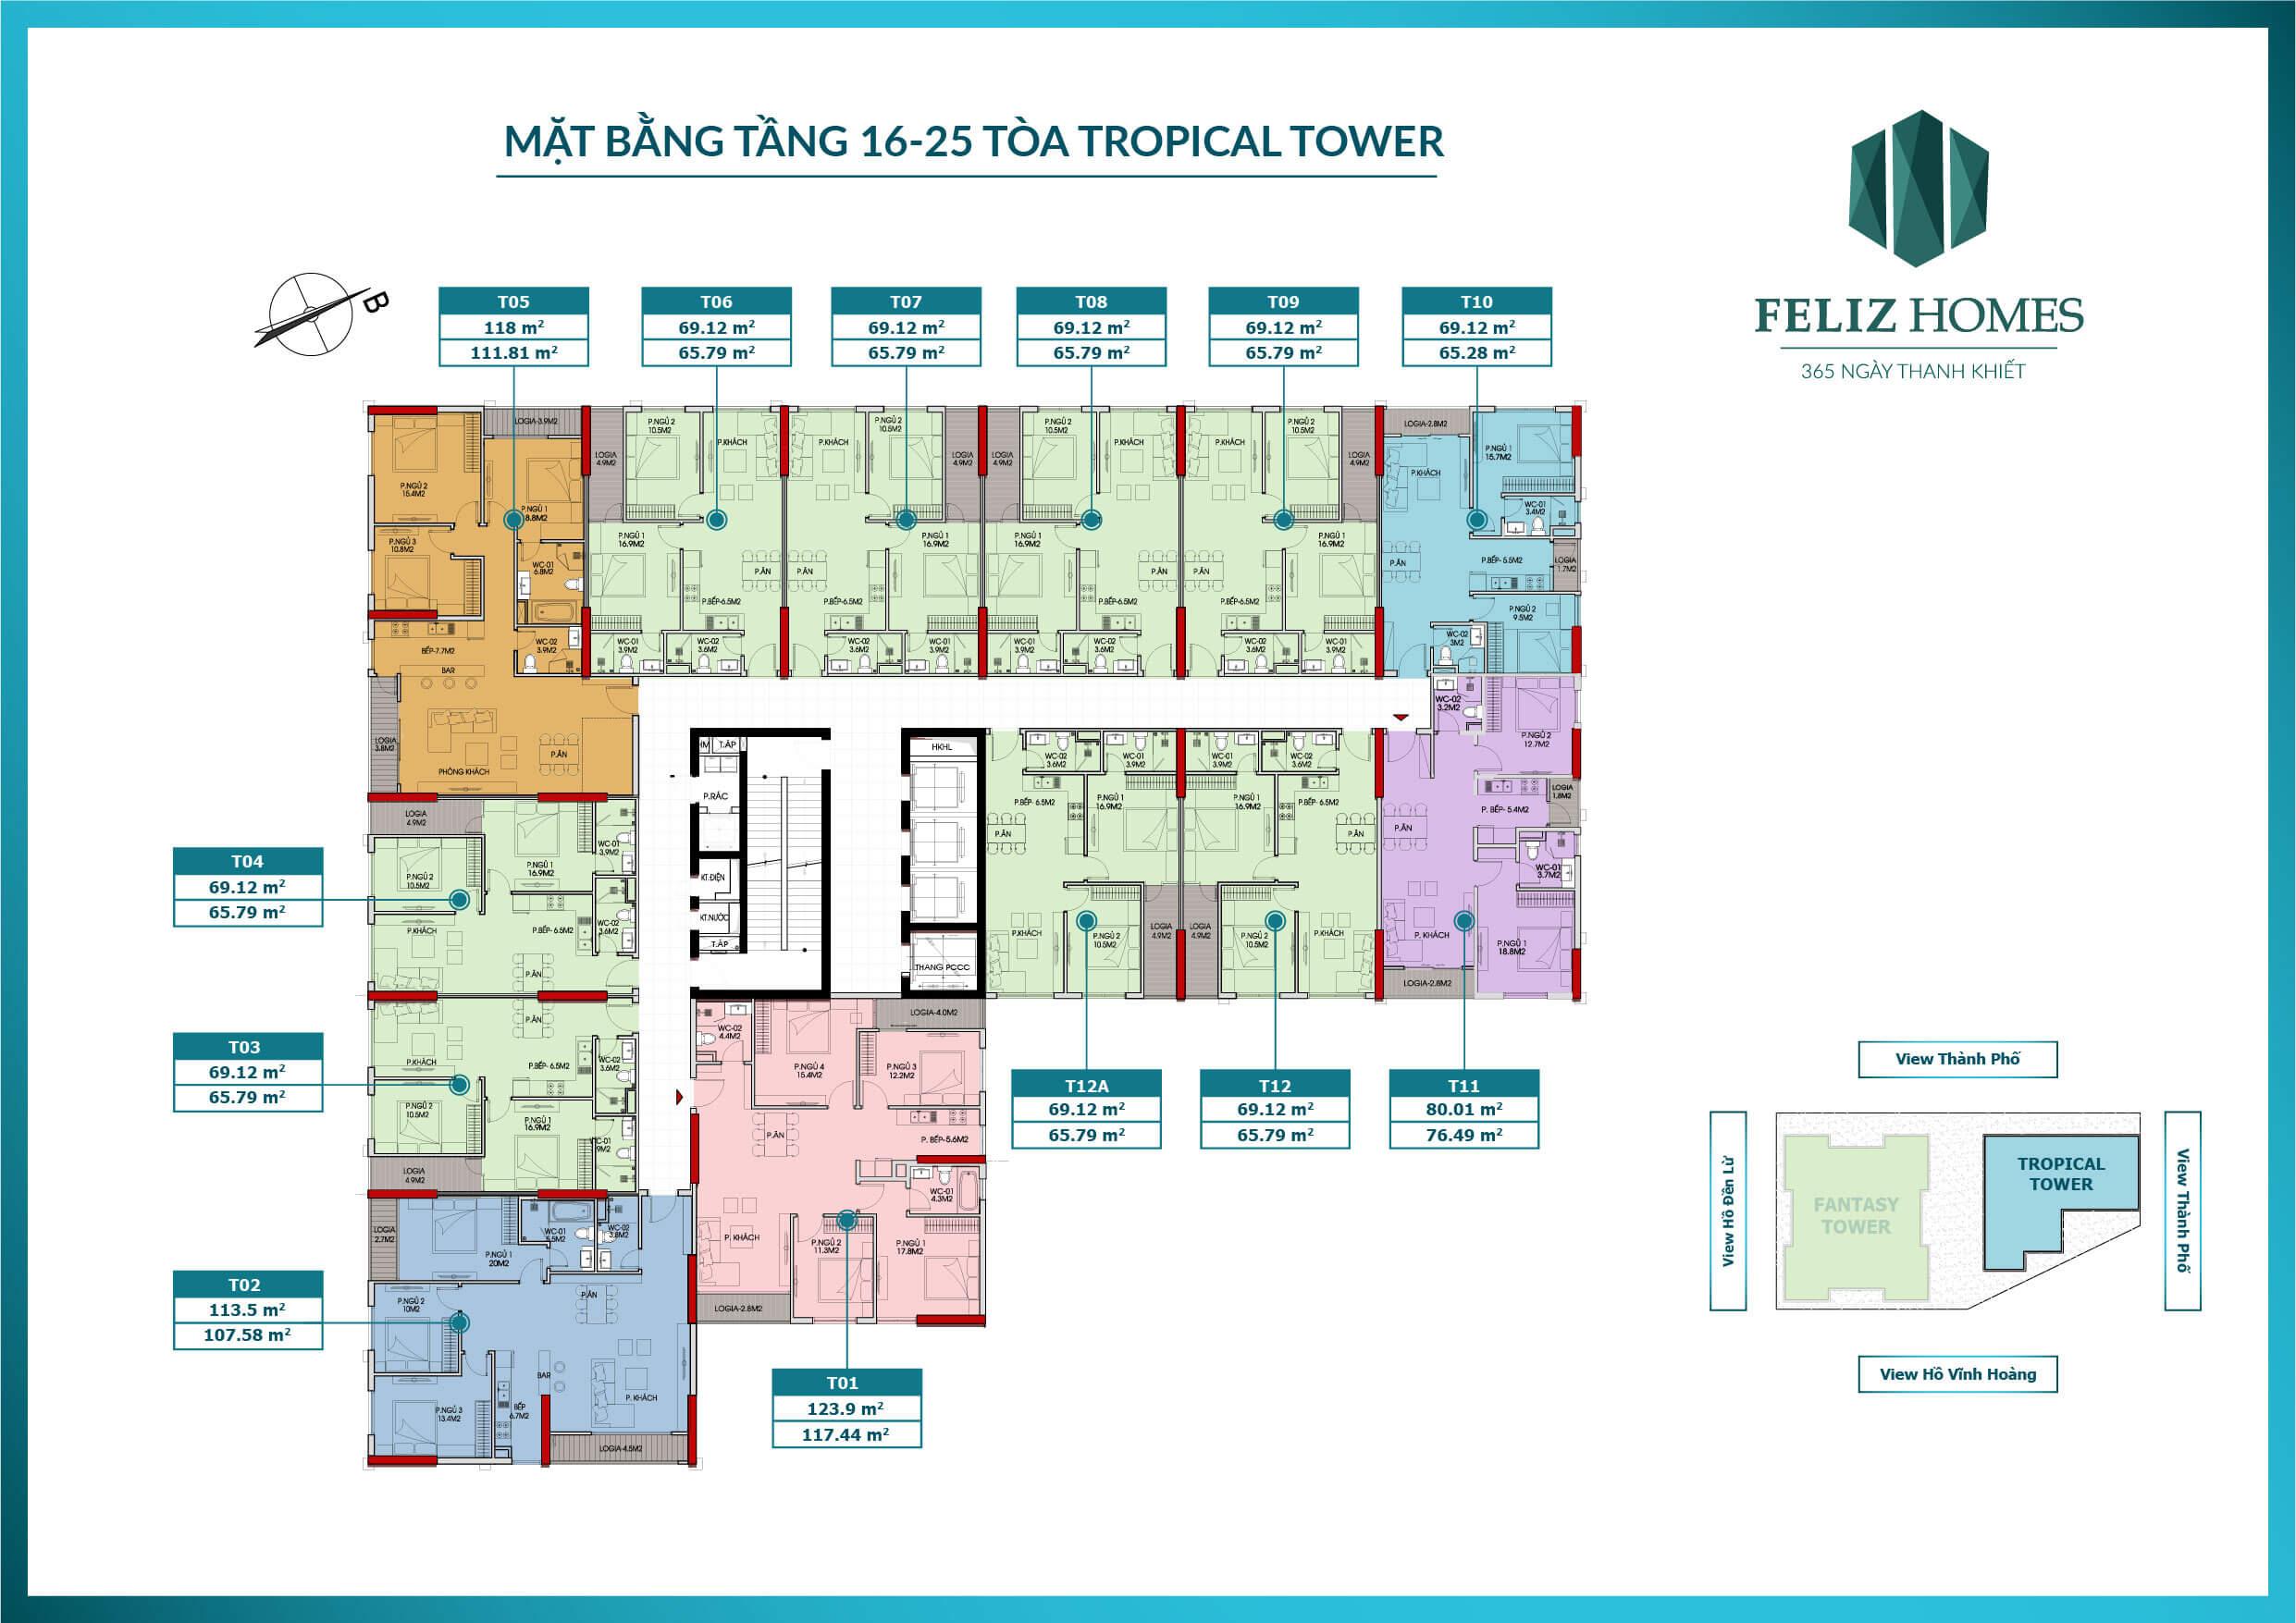 mặt bằng tòa tropical tower tầng 16-25